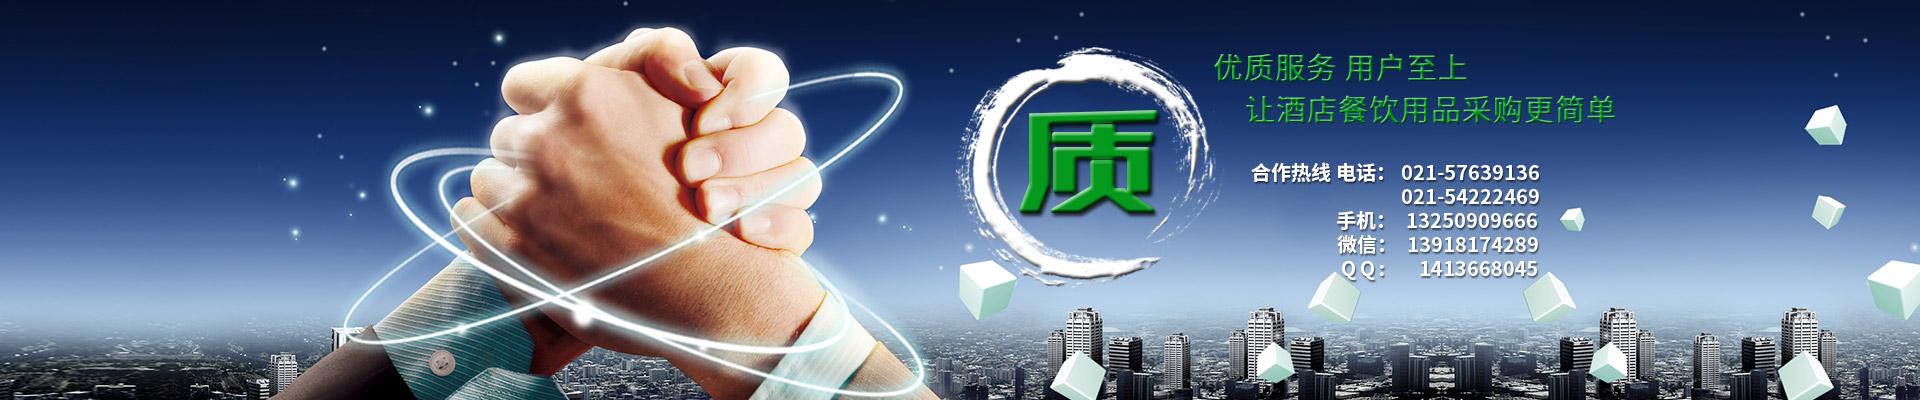 上海ca88酒店用品有限公司